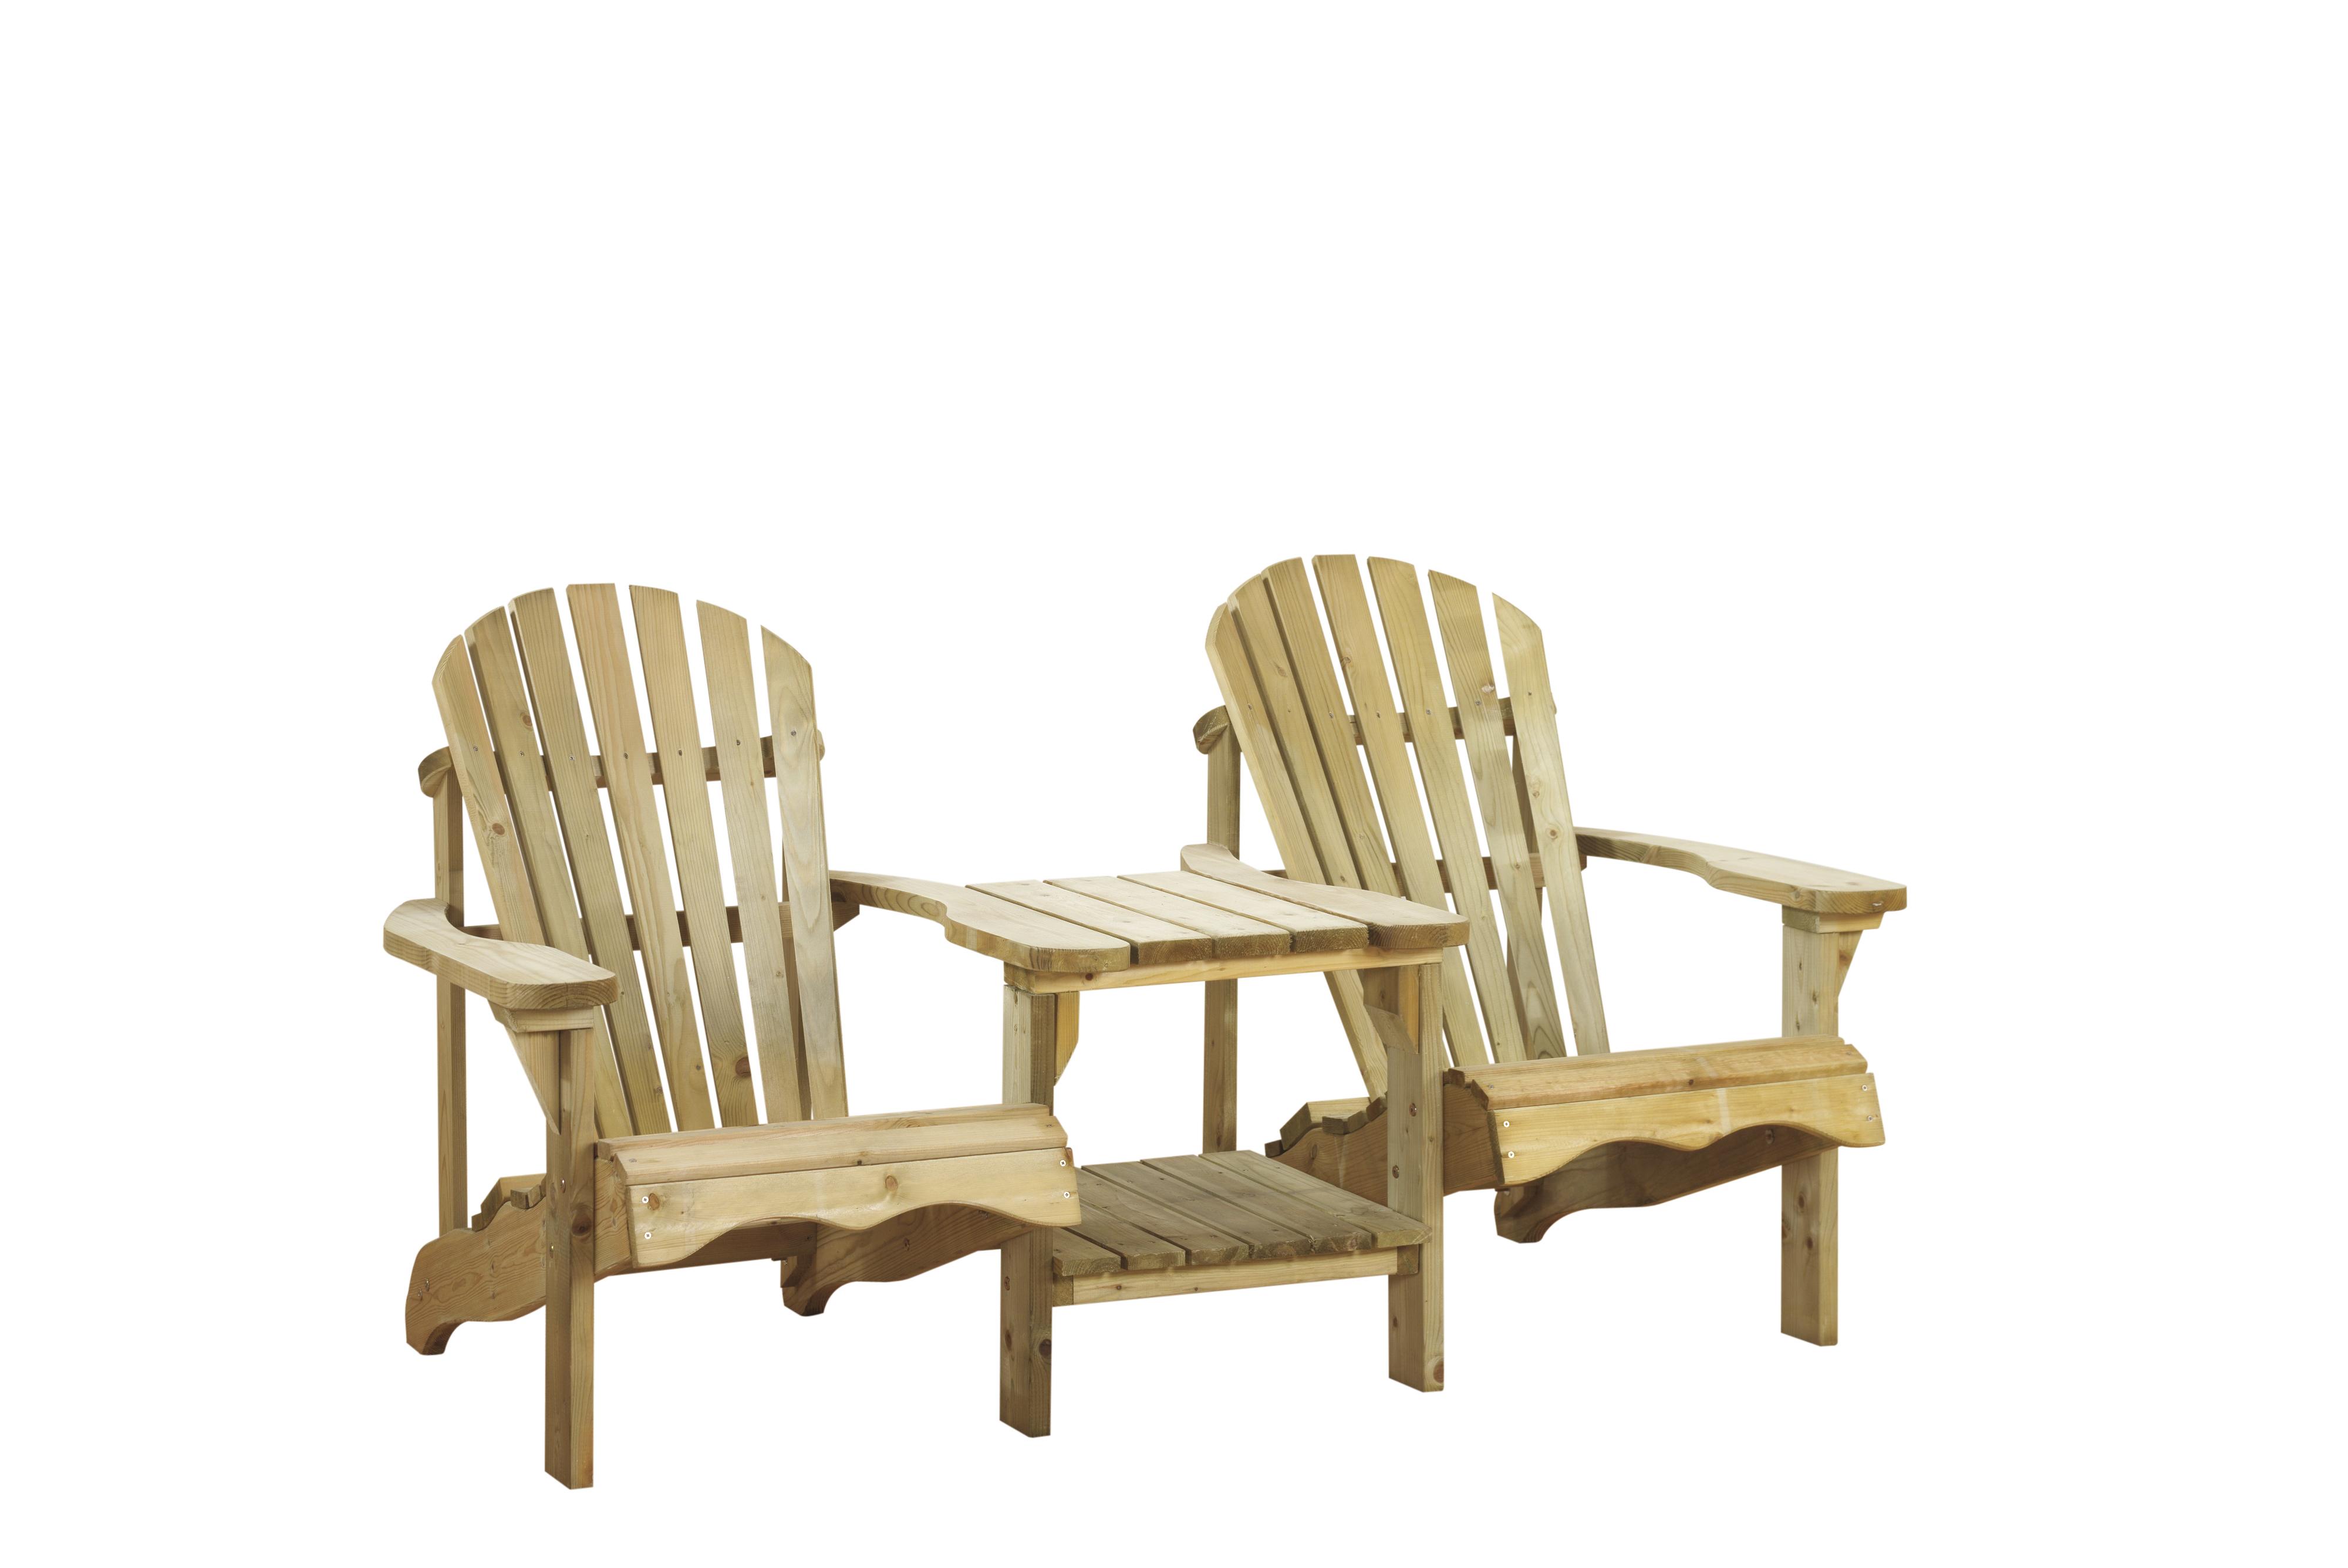 Canadian tete-a-tete deckchair 11022